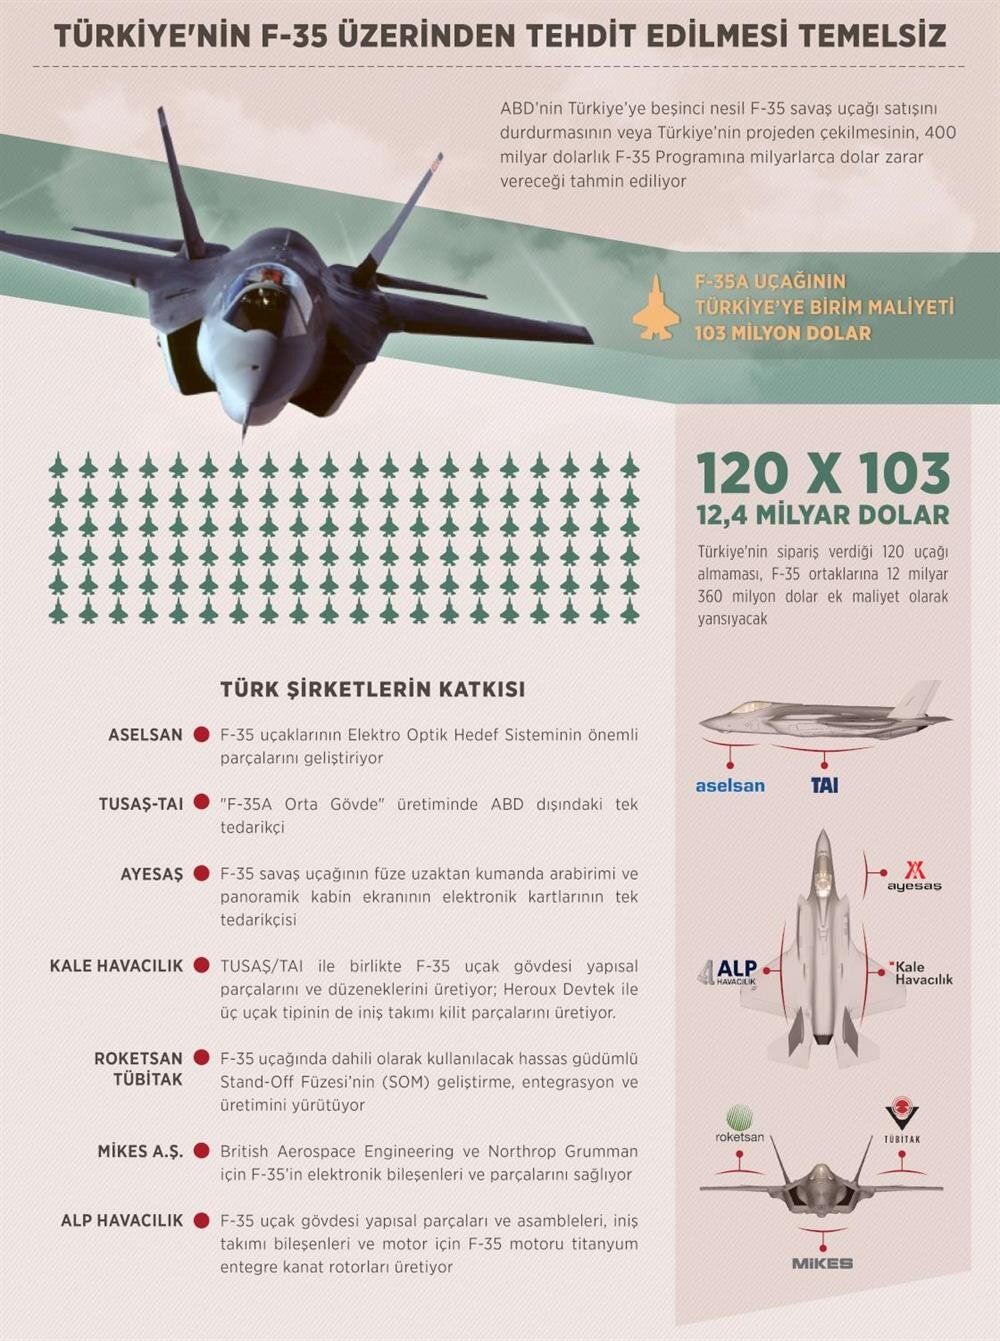 Türkiye, F-35'lerin en önemli parçalarının üretilmesi noktasında da önemli görevler üstleniyor.